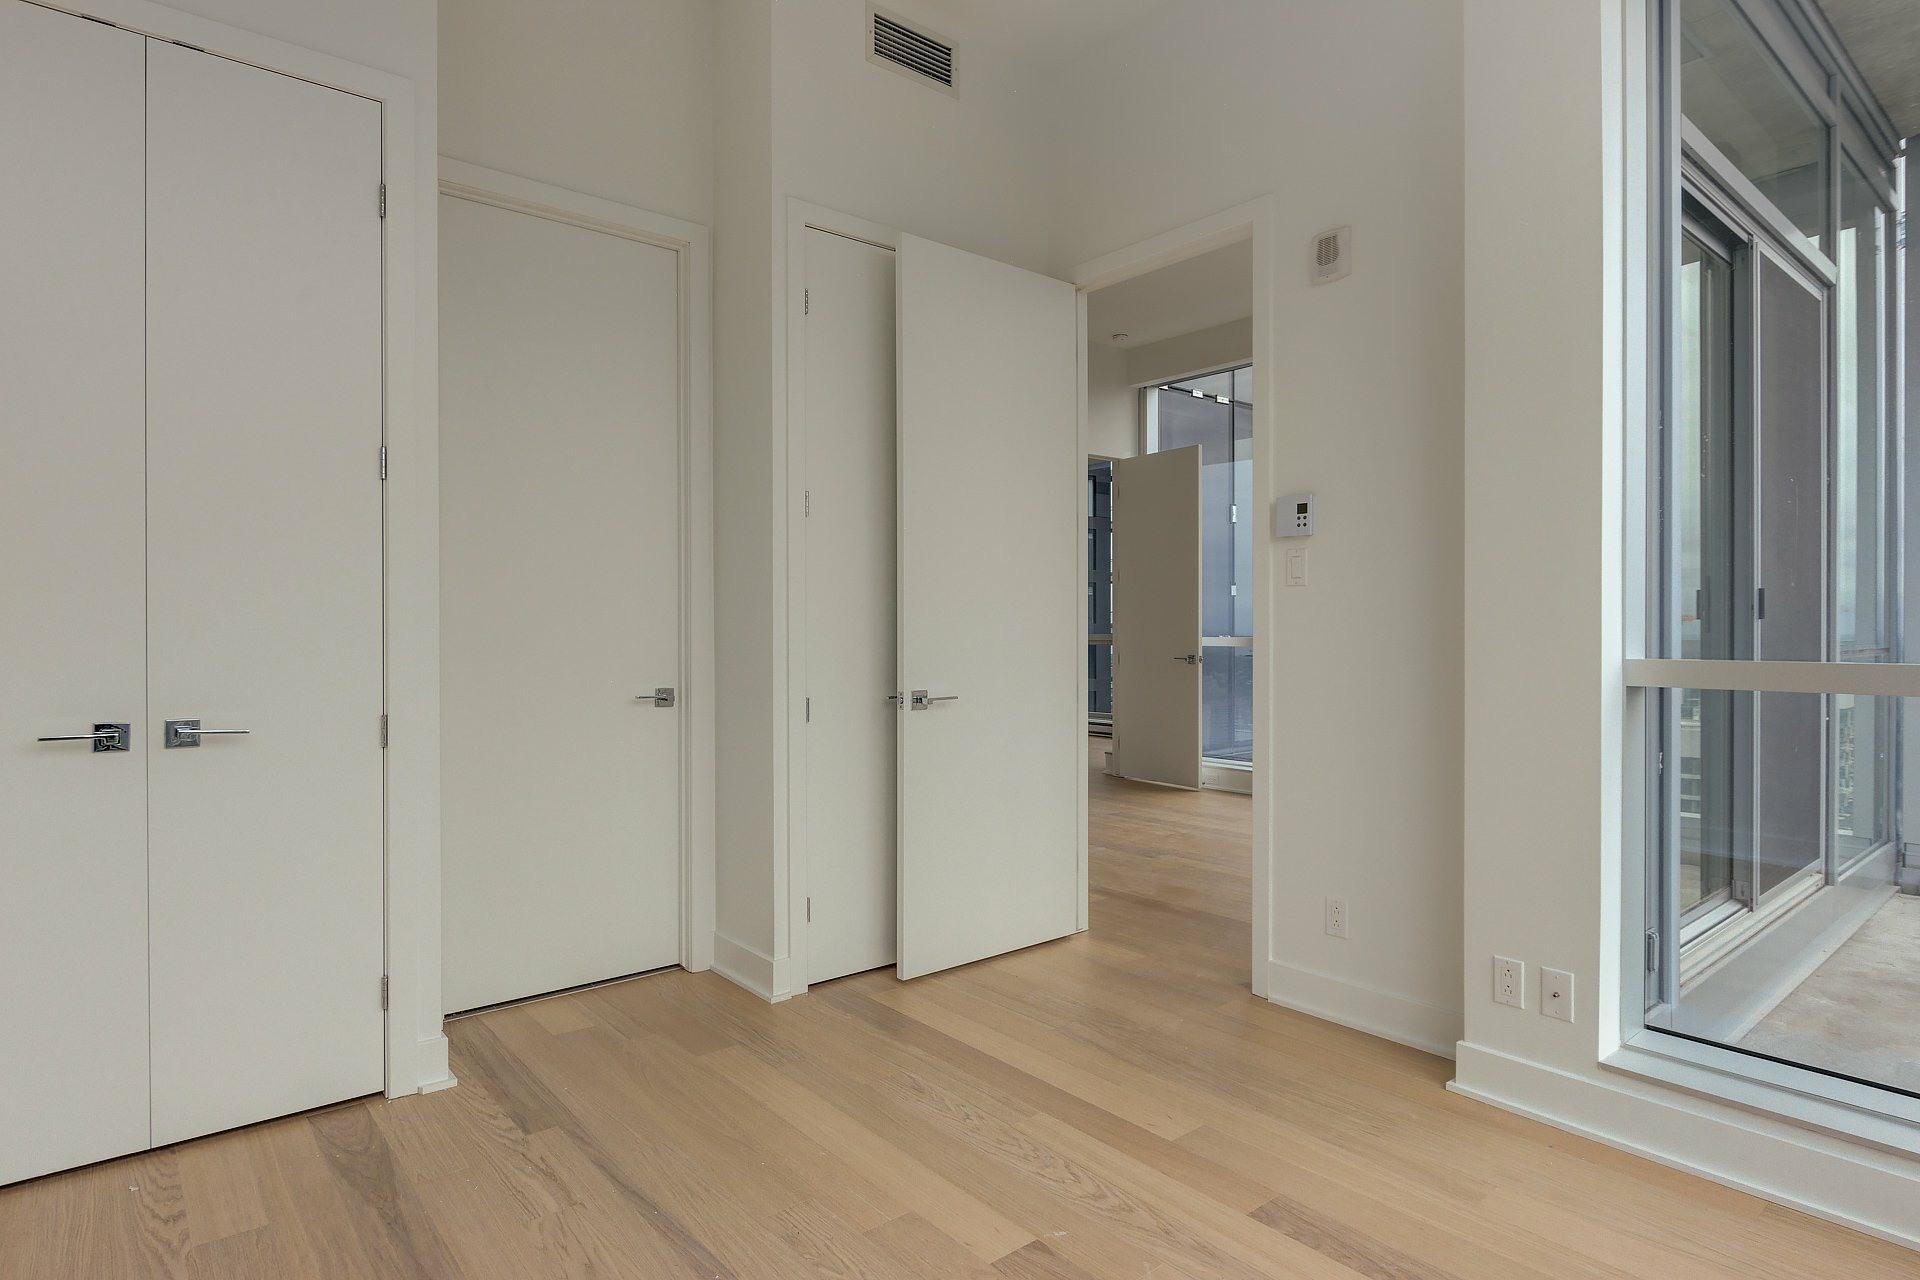 image 19 - Apartment For sale Montréal Ville-Marie  - 4 rooms